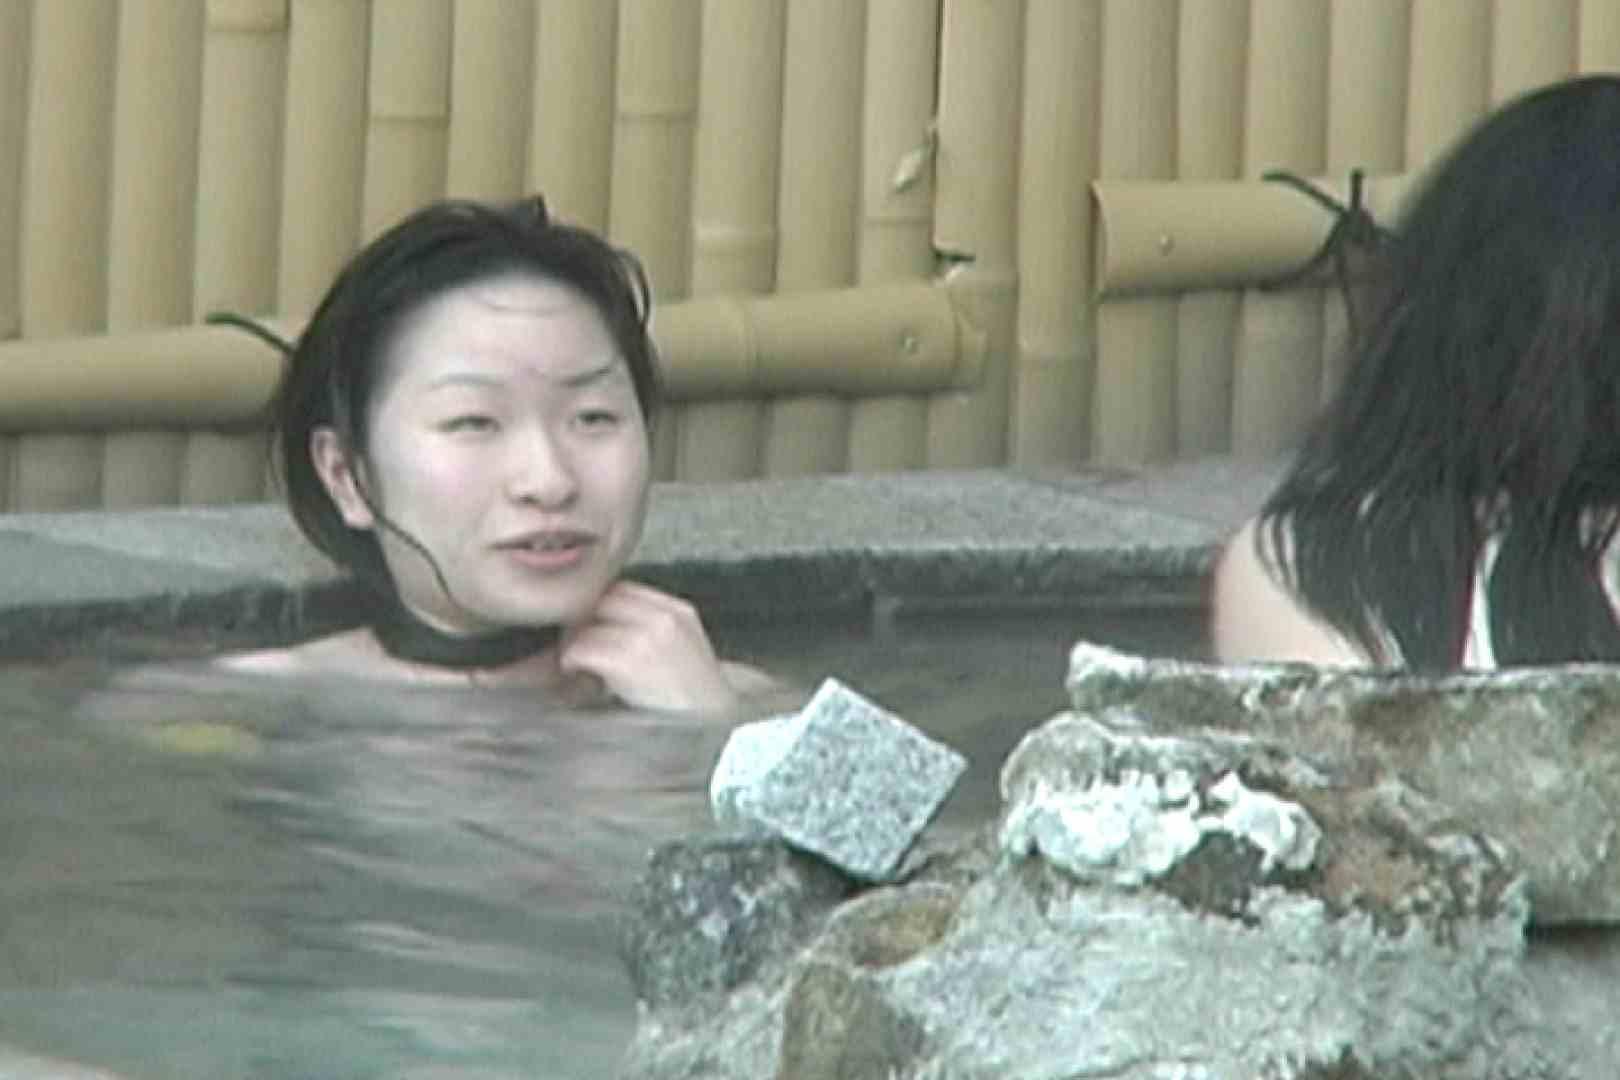 Aquaな露天風呂Vol.595 露天 | 盗撮  112枚 100